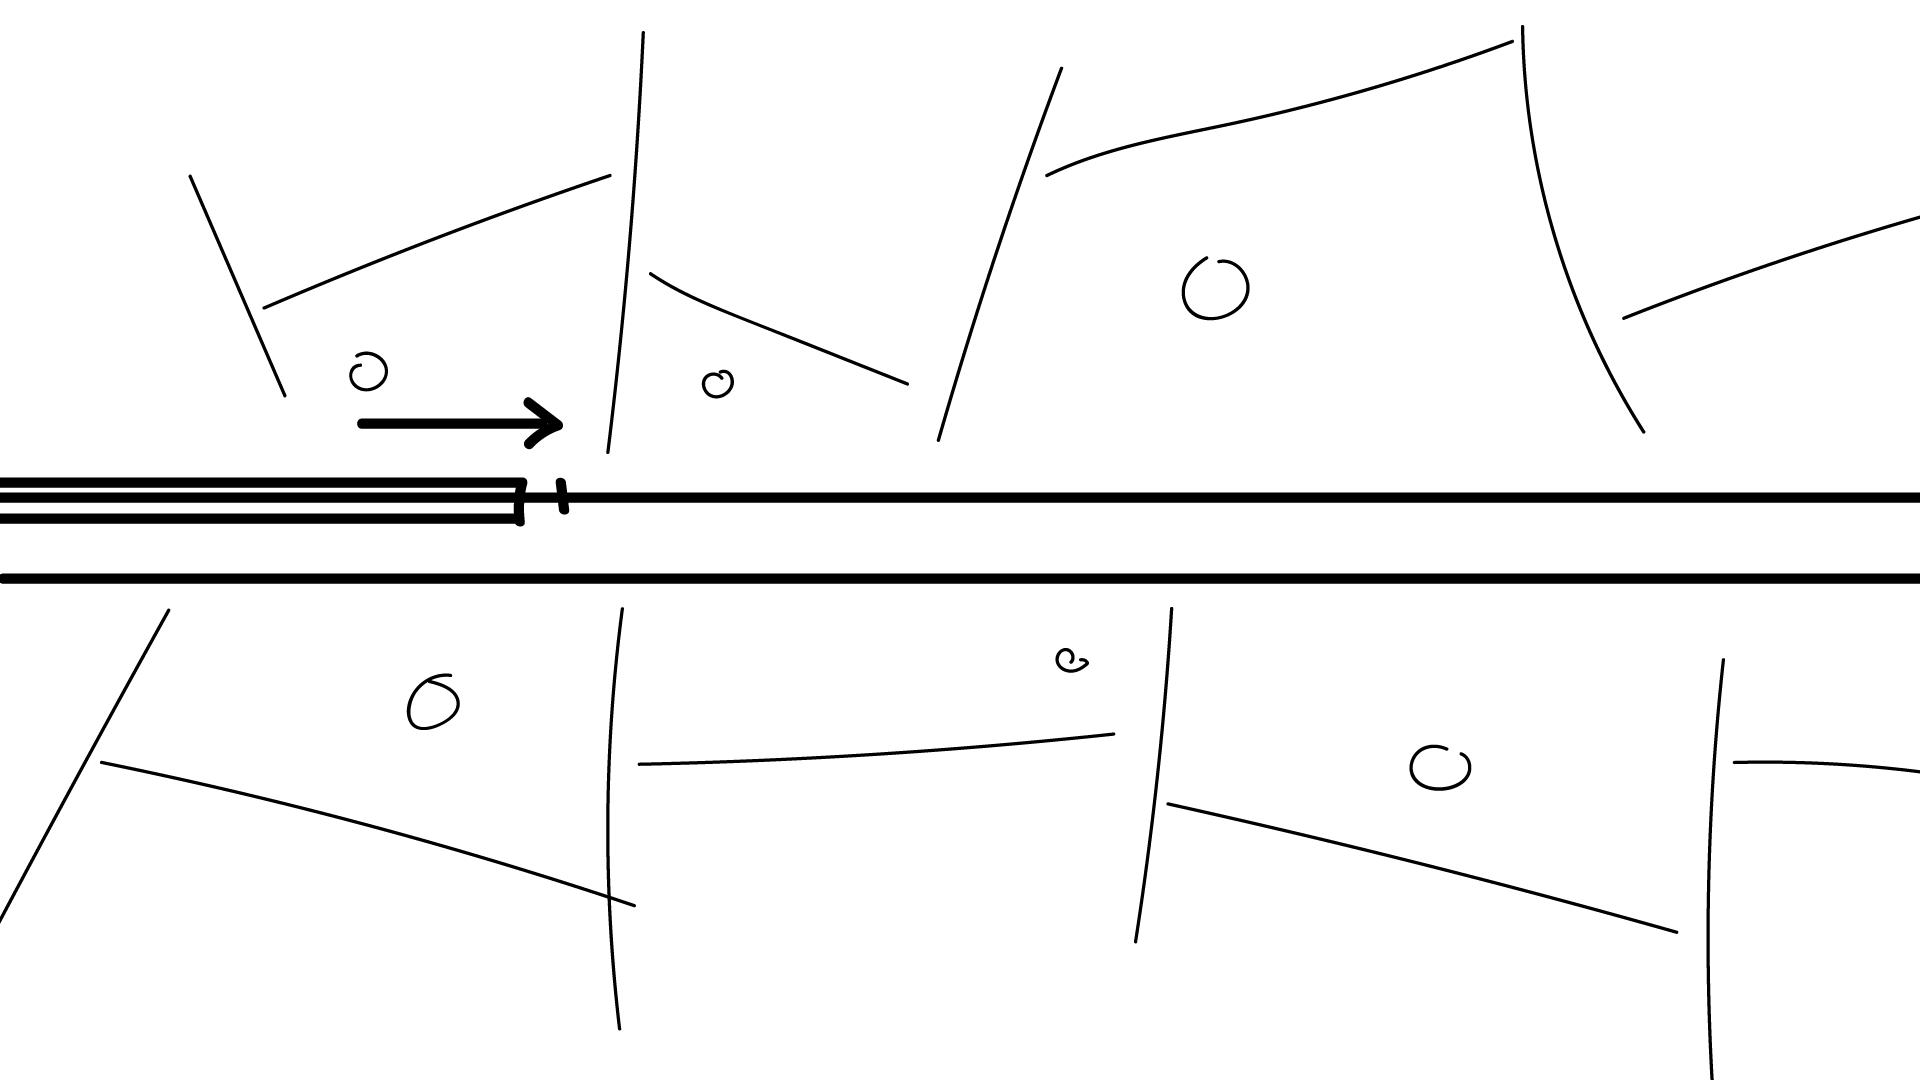 ProRail - Ketenanimatie - Storyboard v3-01